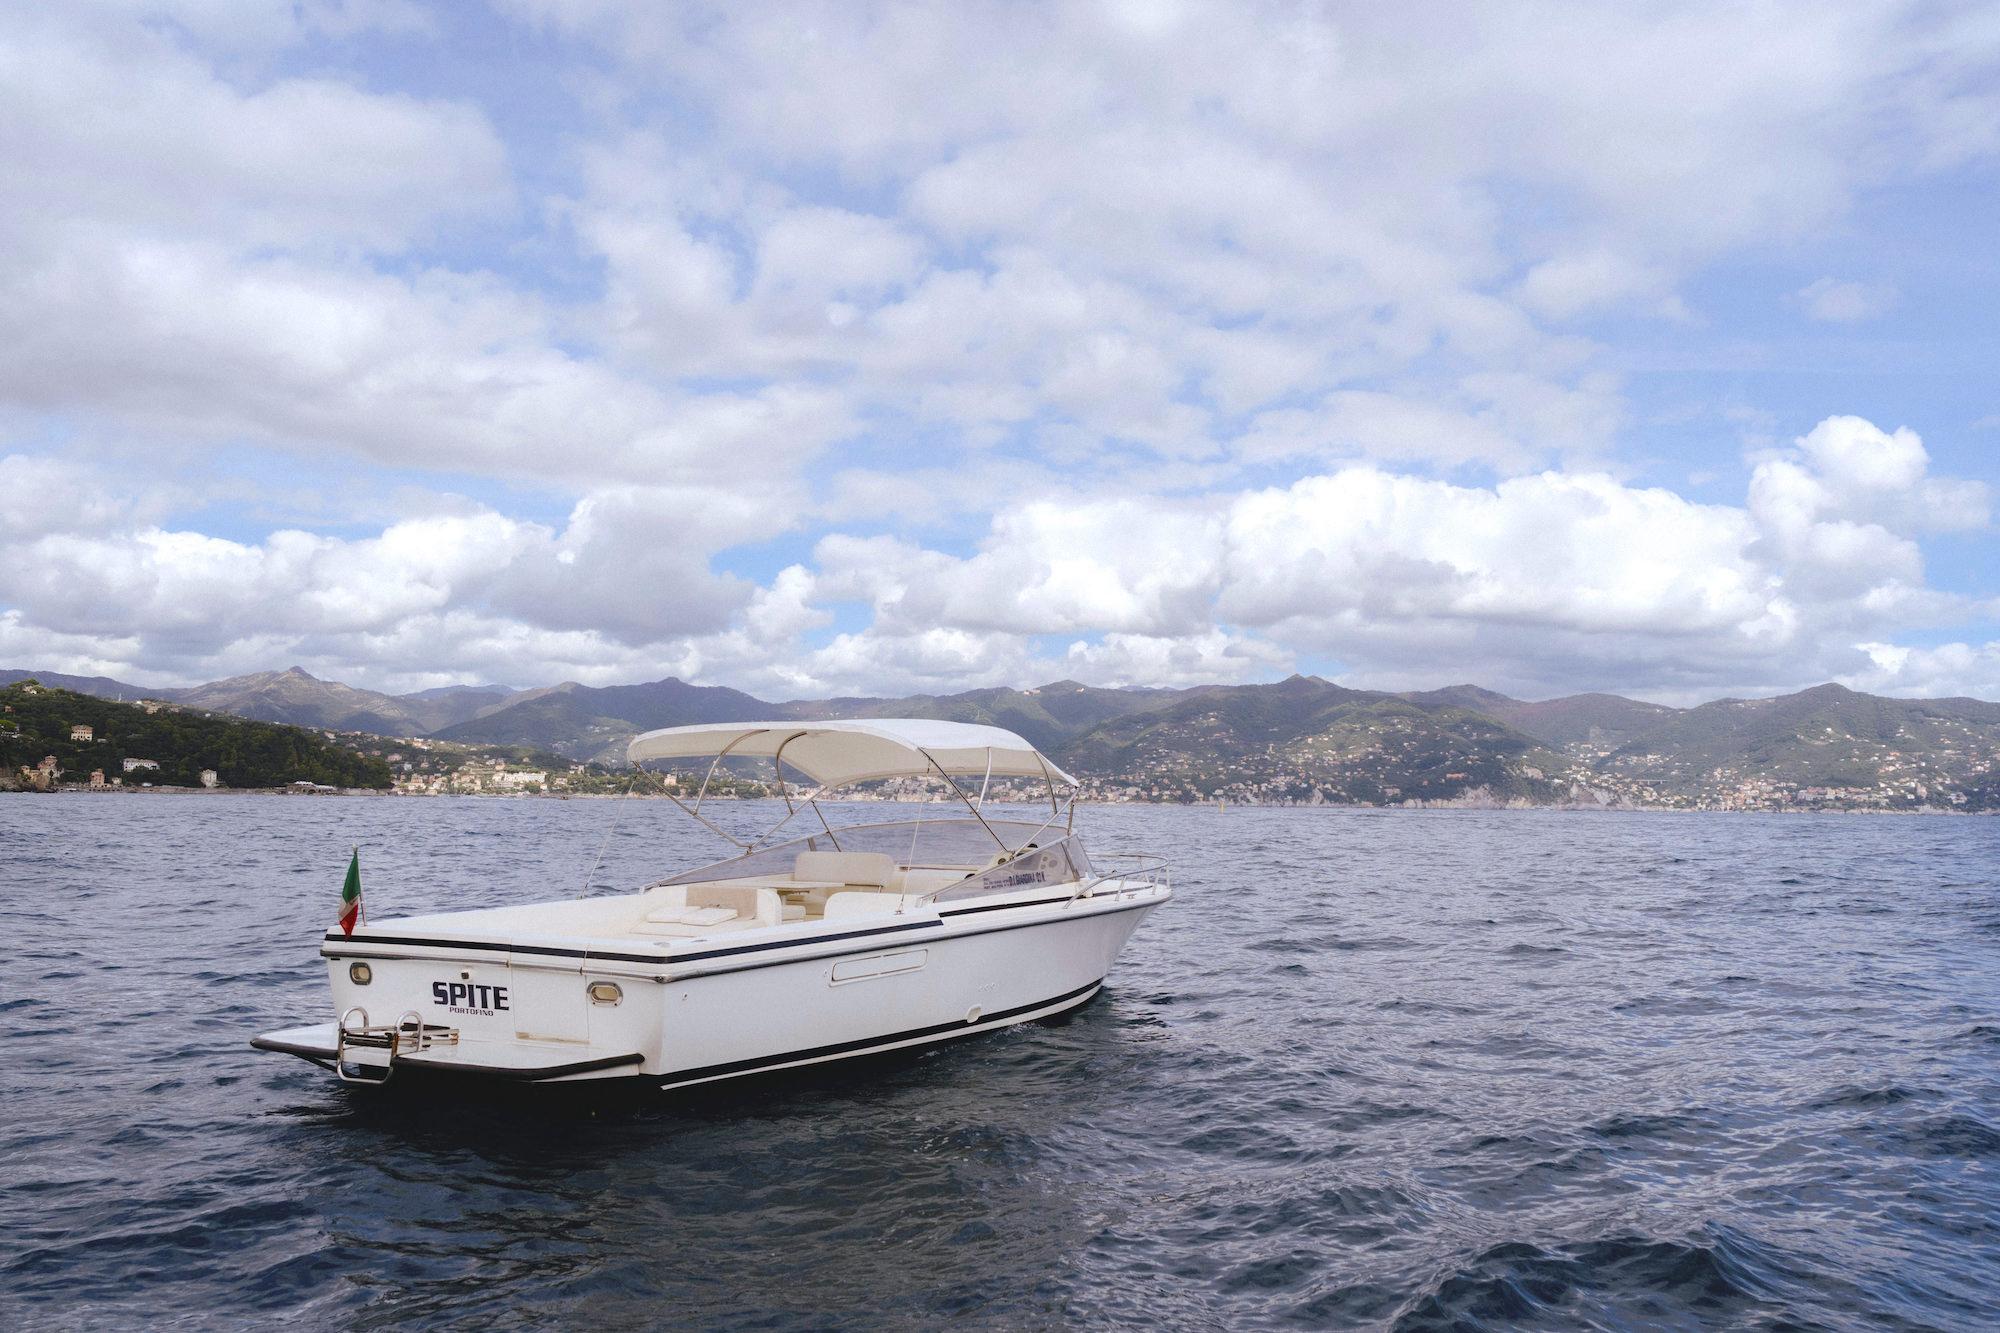 Cesare Charter Portofino - Spite